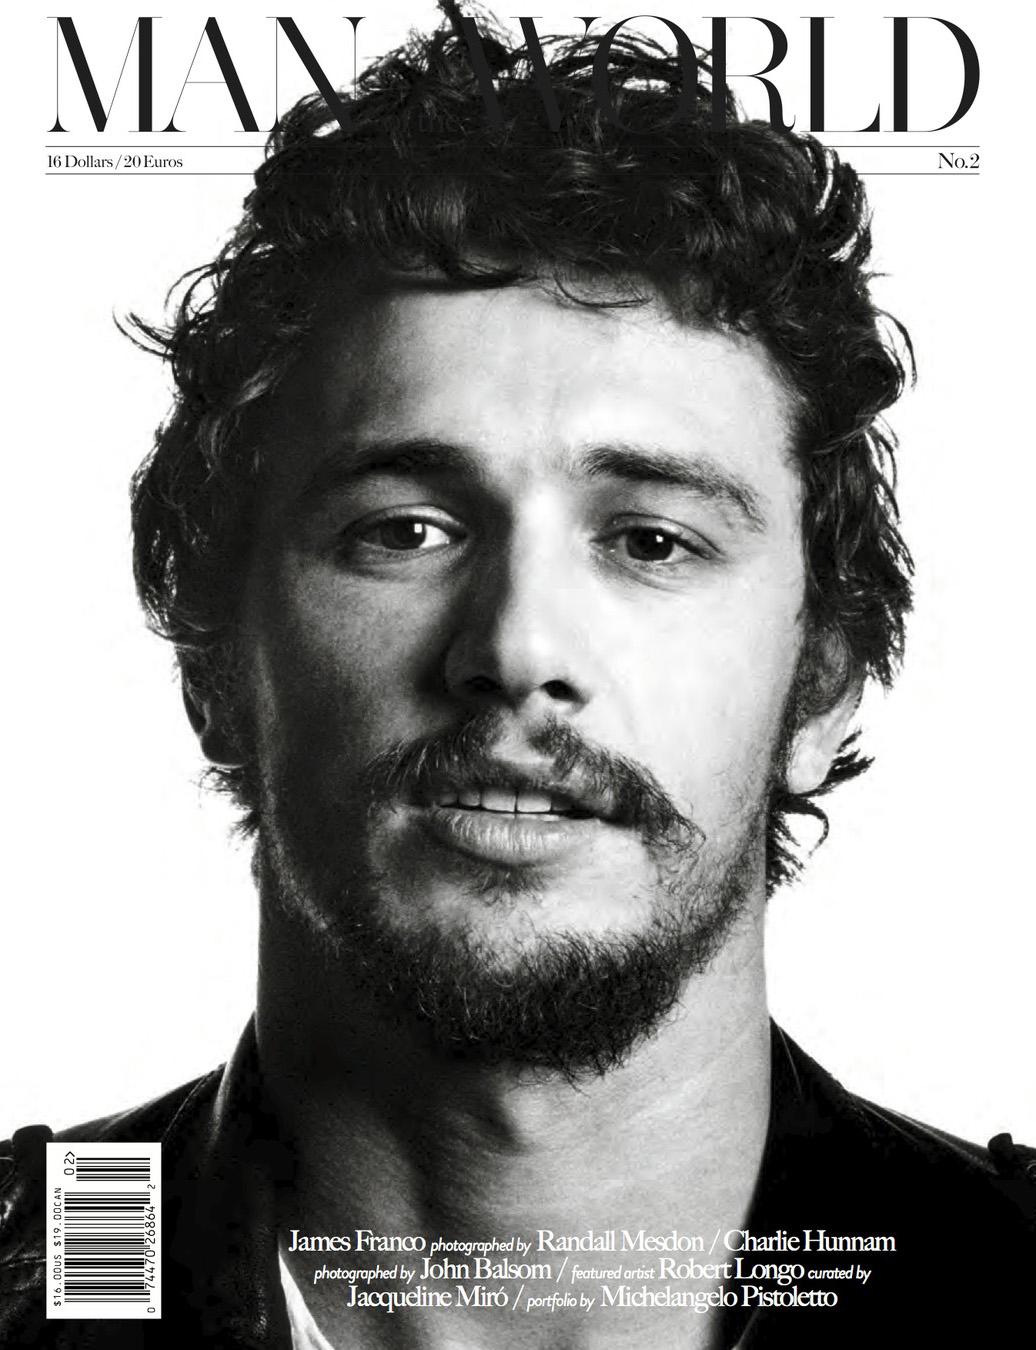 http://2.bp.blogspot.com/-YBomZmZRQBM/UO035ZCnAsI/AAAAAAAAG80/nqaIWY1Ev4o/s1600/James+Franco+Man+of+the+World+Magazine.jpg